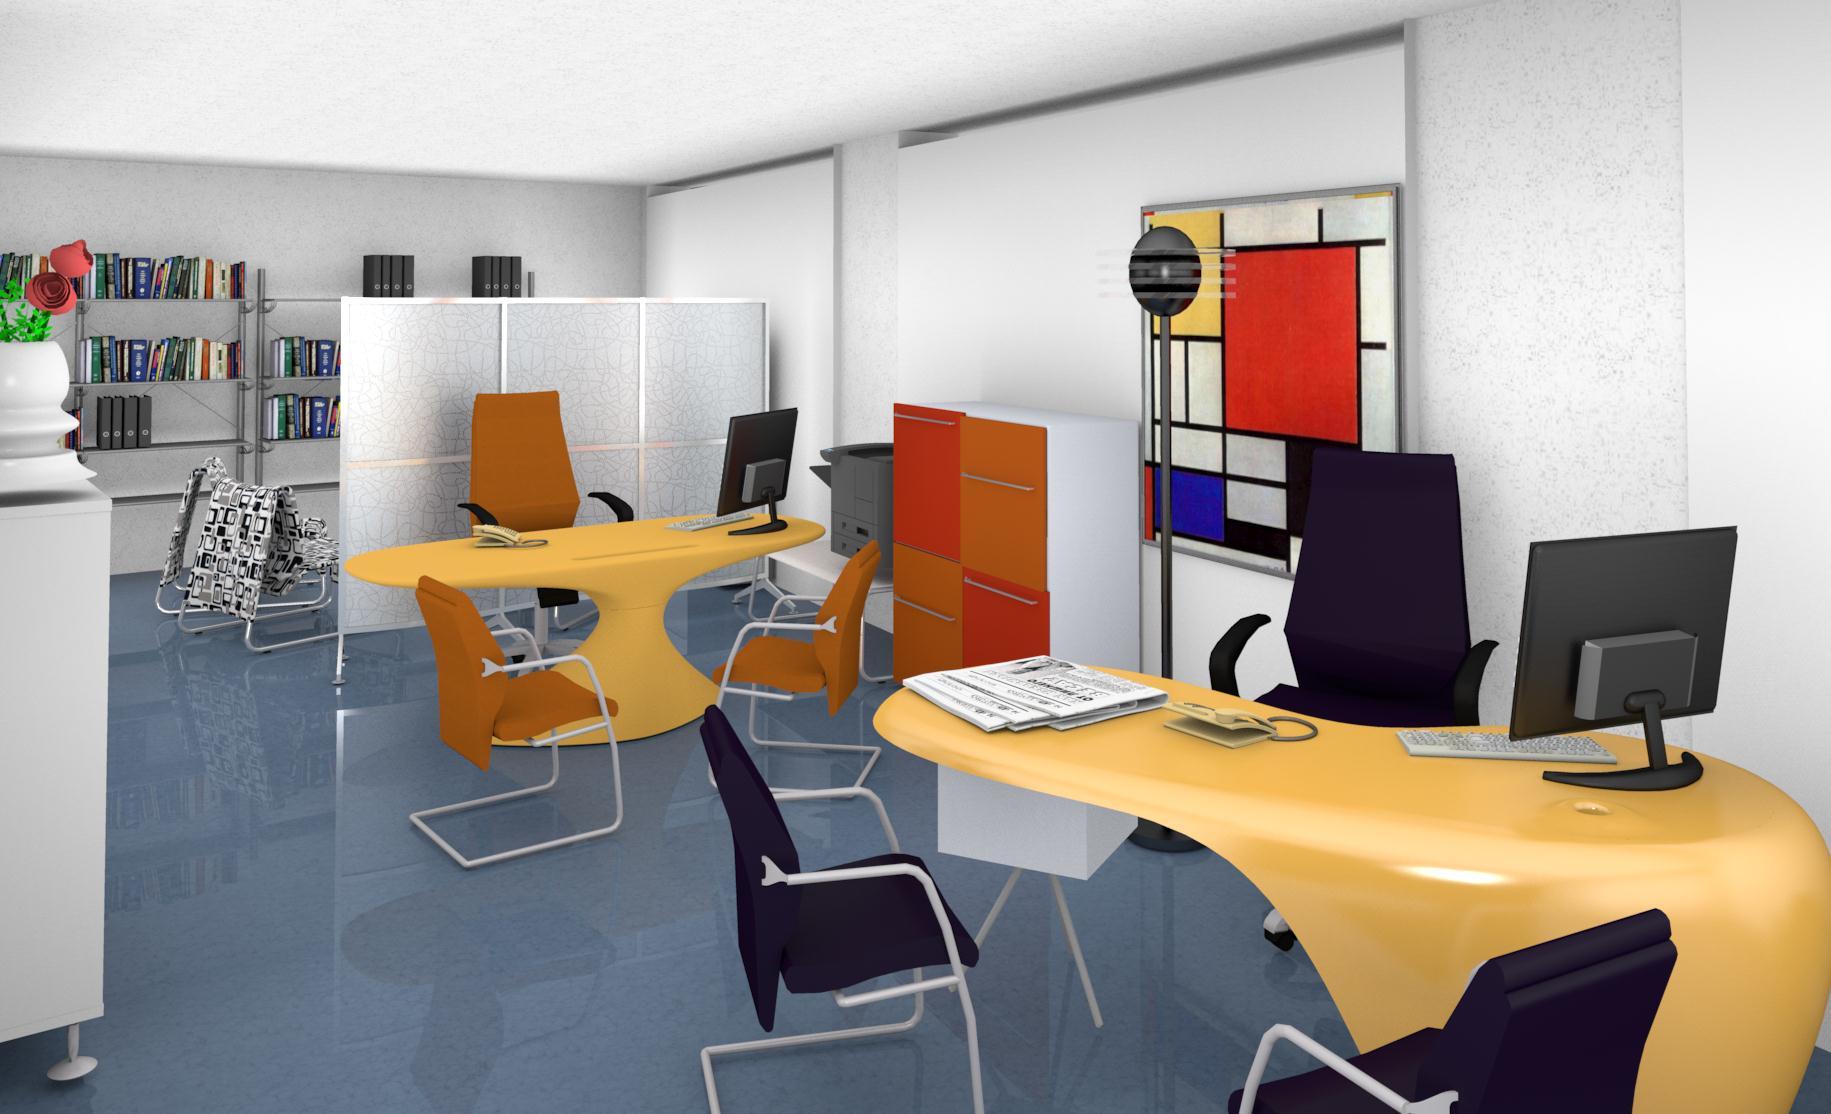 Archivio Ufficio Dwg : Modelli 3d cad 3d